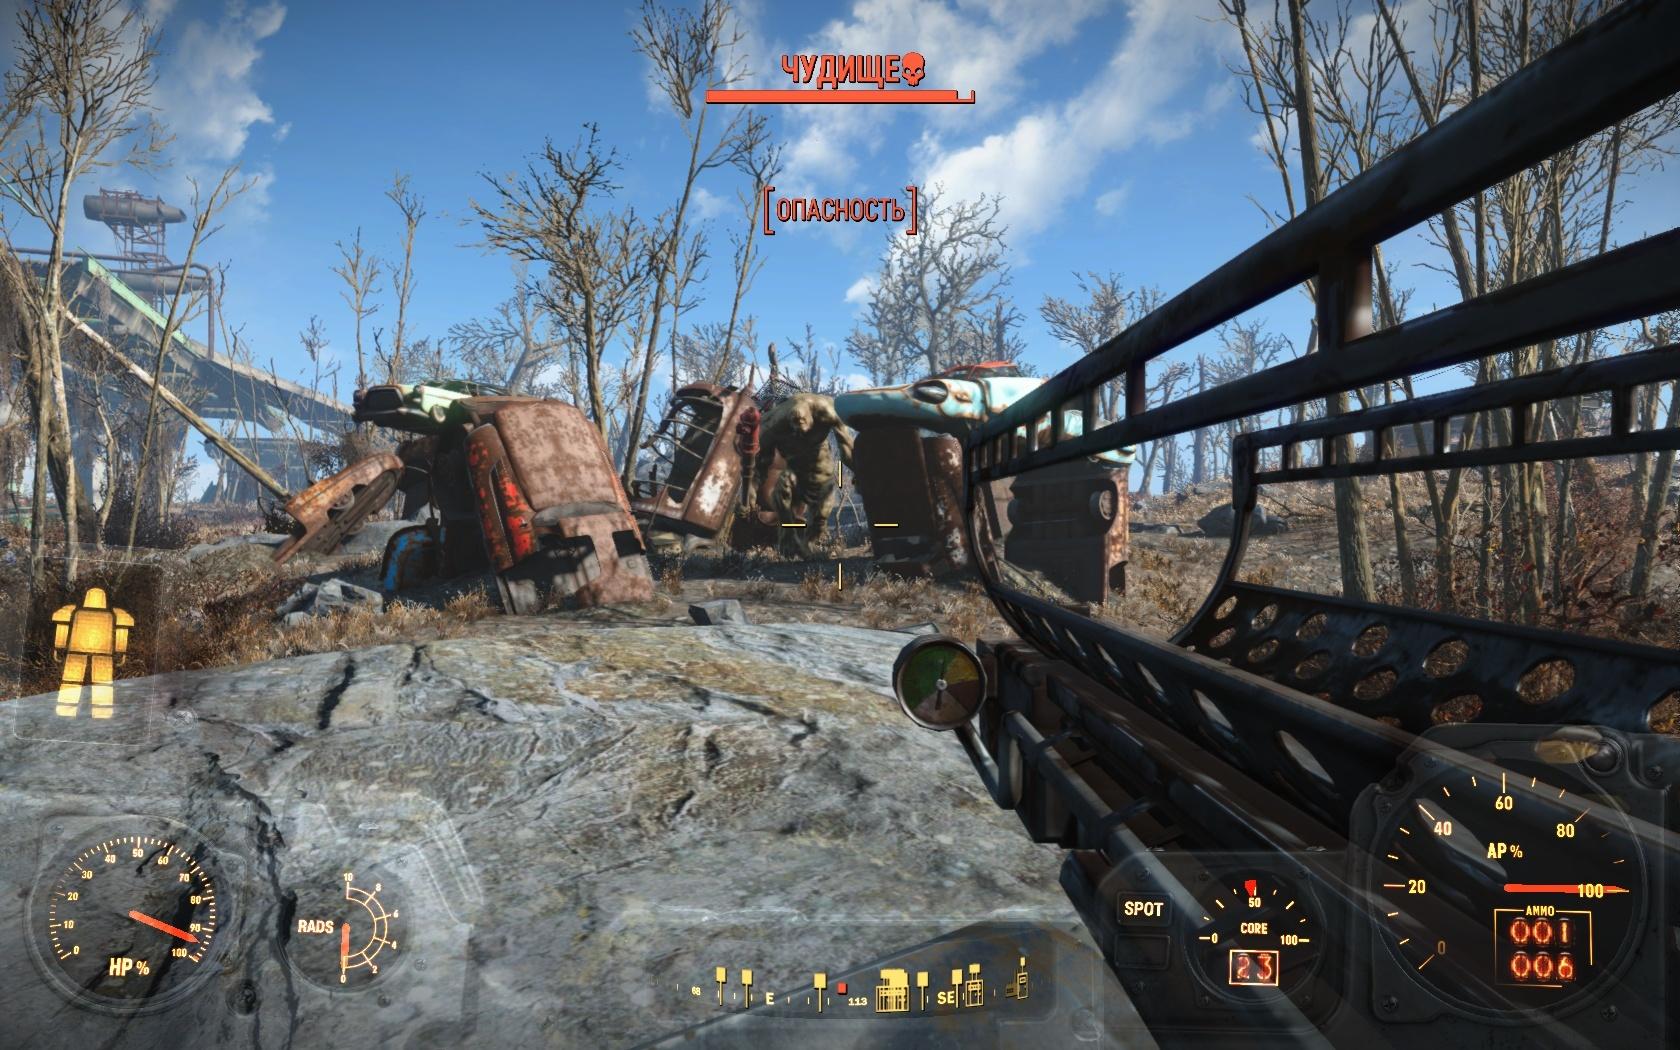 Чудище (Автомобильные обломки южнее Уолден-понд) - Fallout 4 Автомобильные обломки, Уолден-понд, Чудище